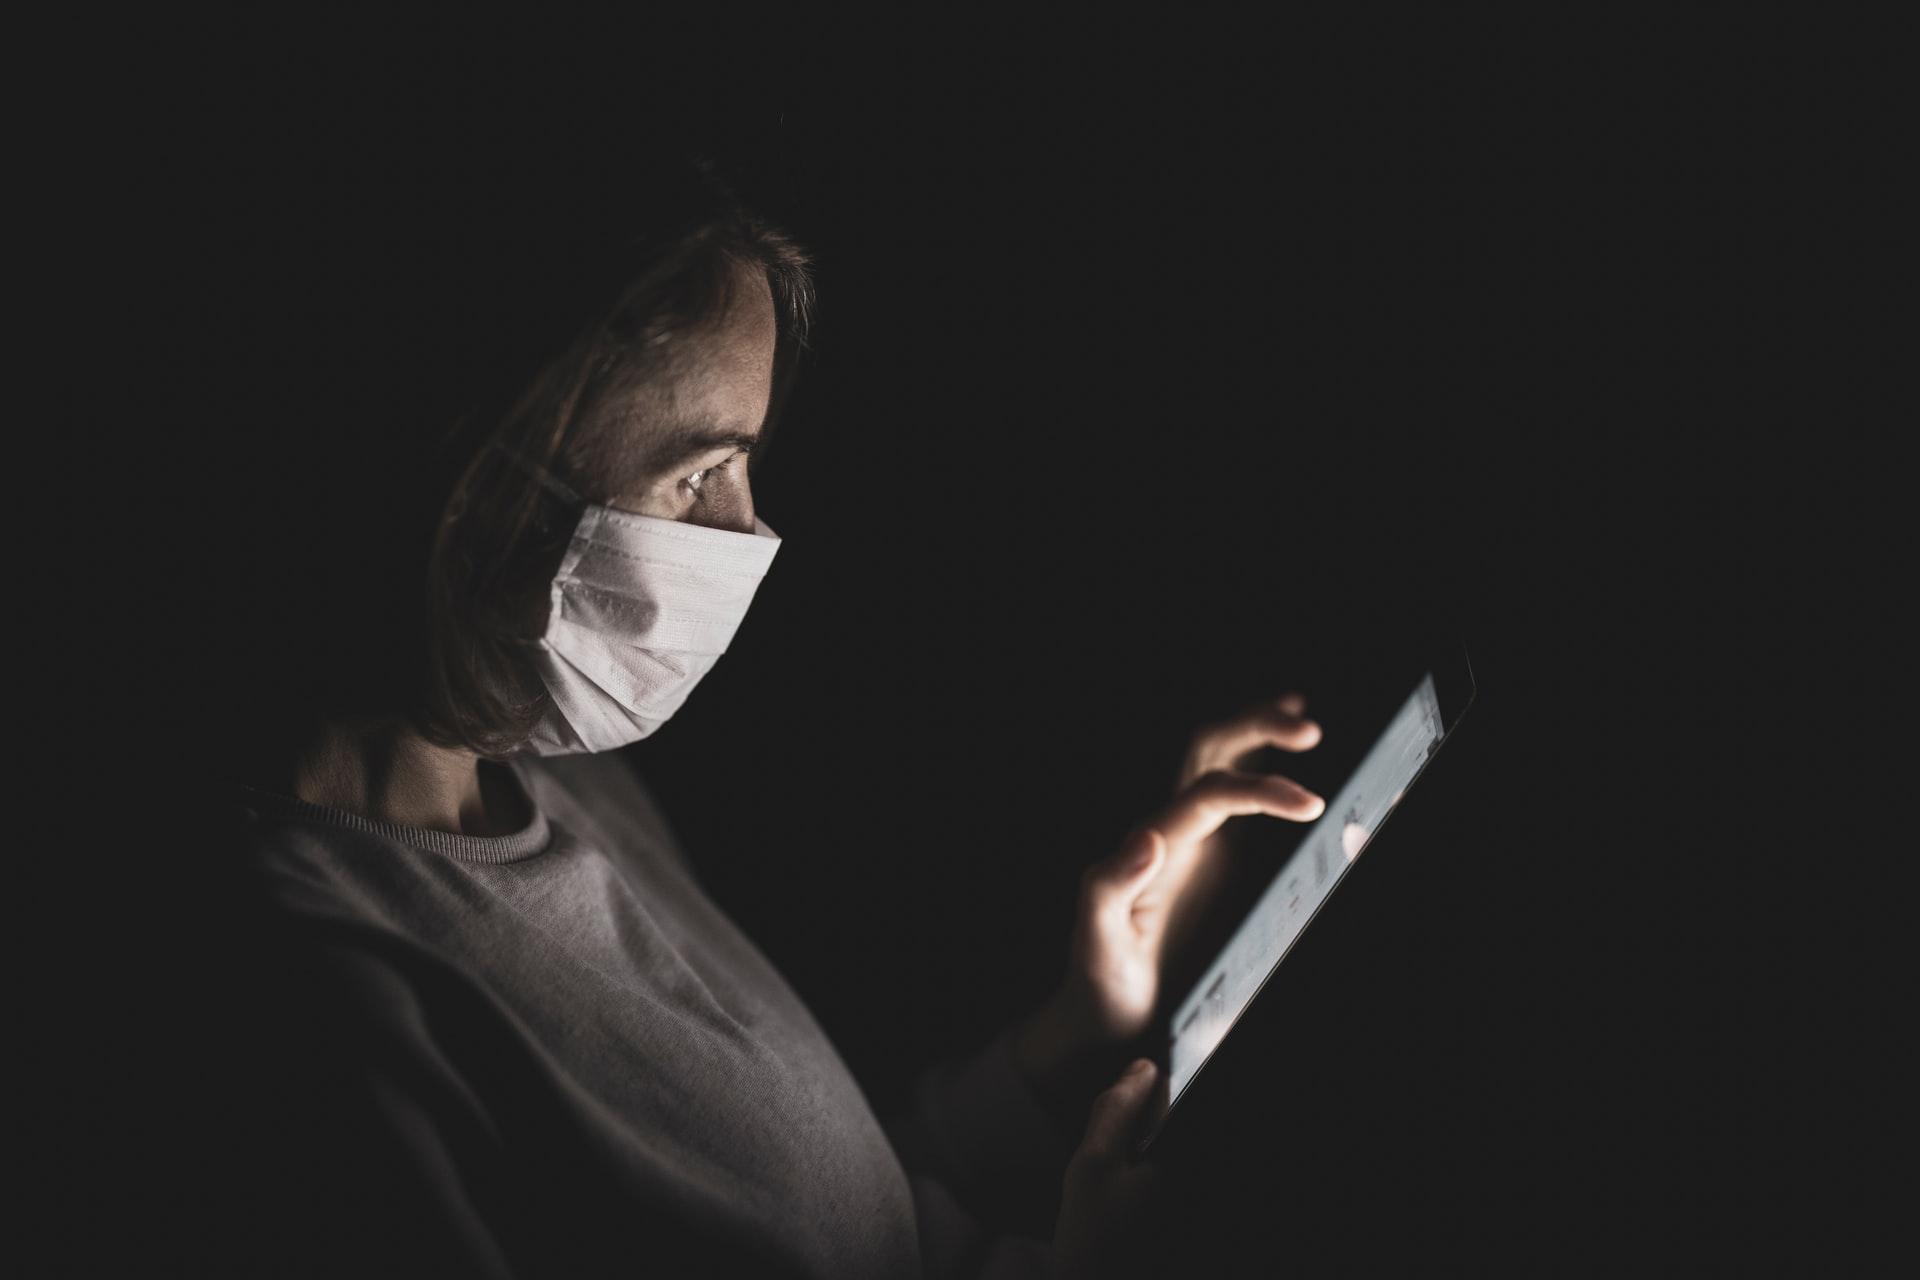 Masque et smartphone